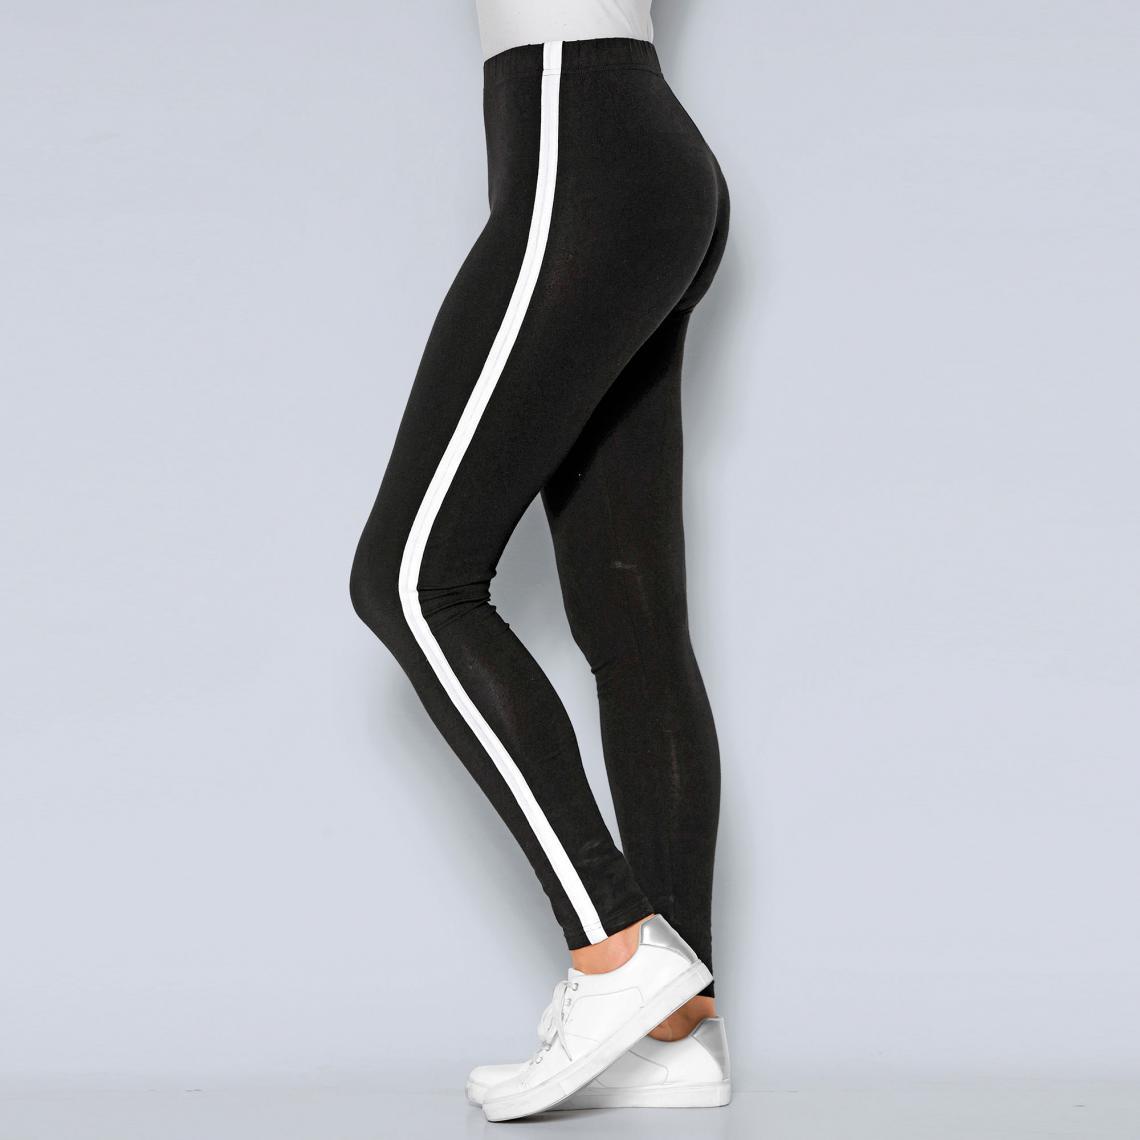 Legging taille élastique empiècements contrastés latéraux femme Noir 1 Avis Plus de détails